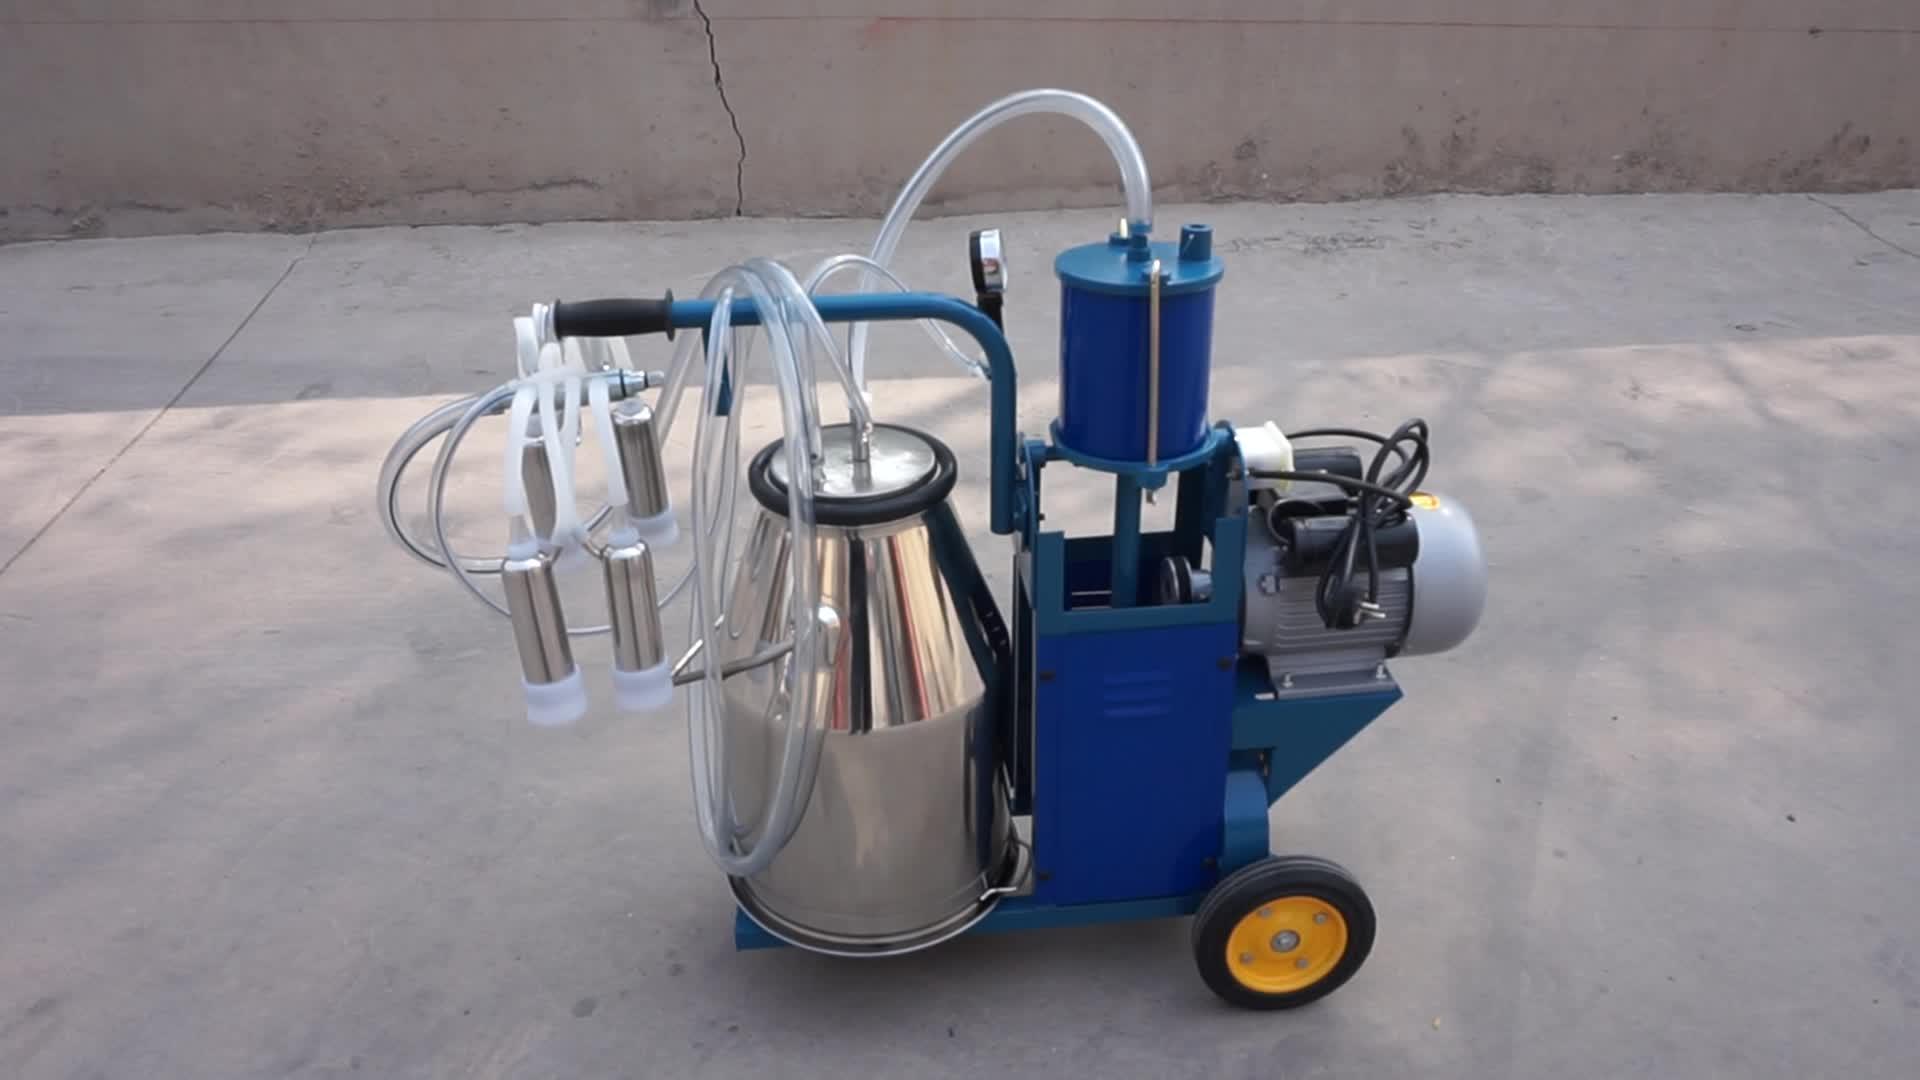 कीमत एकल दूध देने की मशीन गाय दूध देने की मशीन केन्या